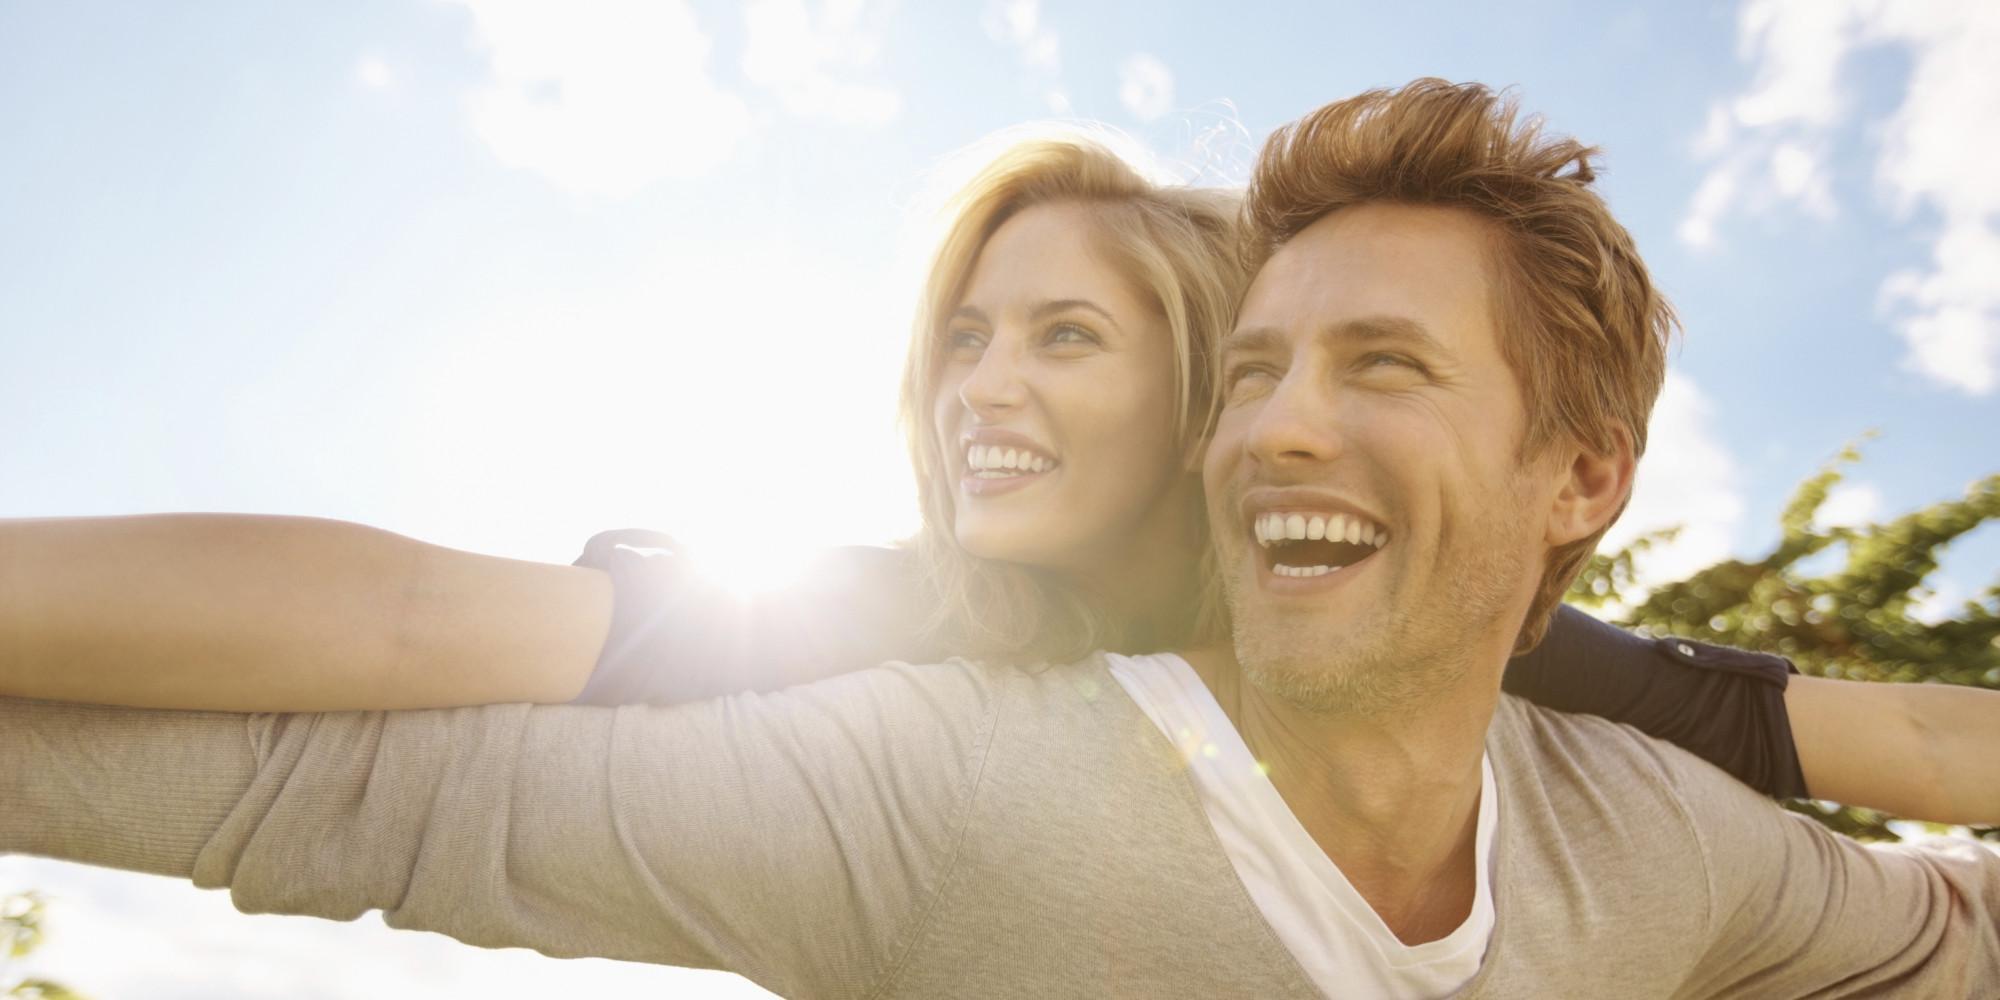 Ποια είναι η διαφορά ηλικίας για dating